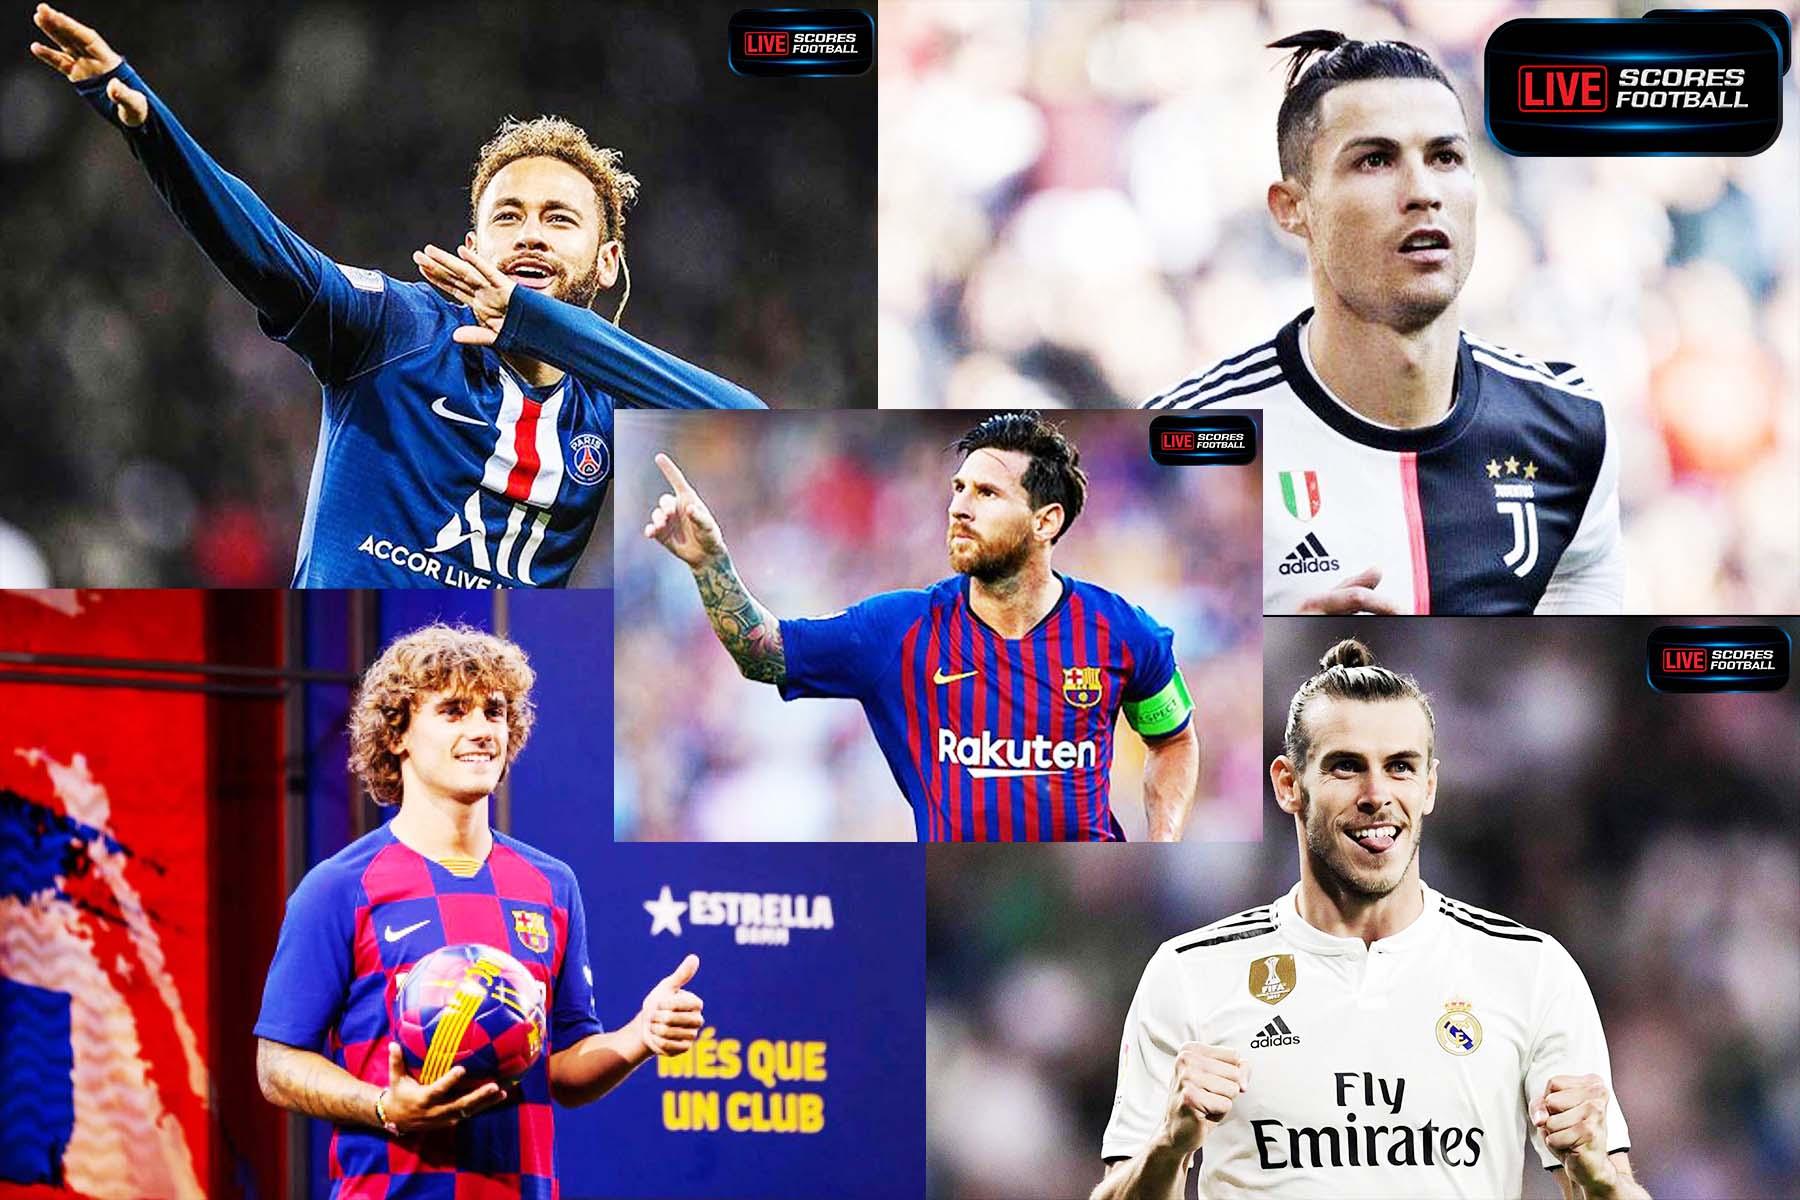 รับเละ!  5 นักเตะที่ทำรายได้เยอะที่สุดในปี 2019 เปิดเผยโดยนิตยสาร France Football